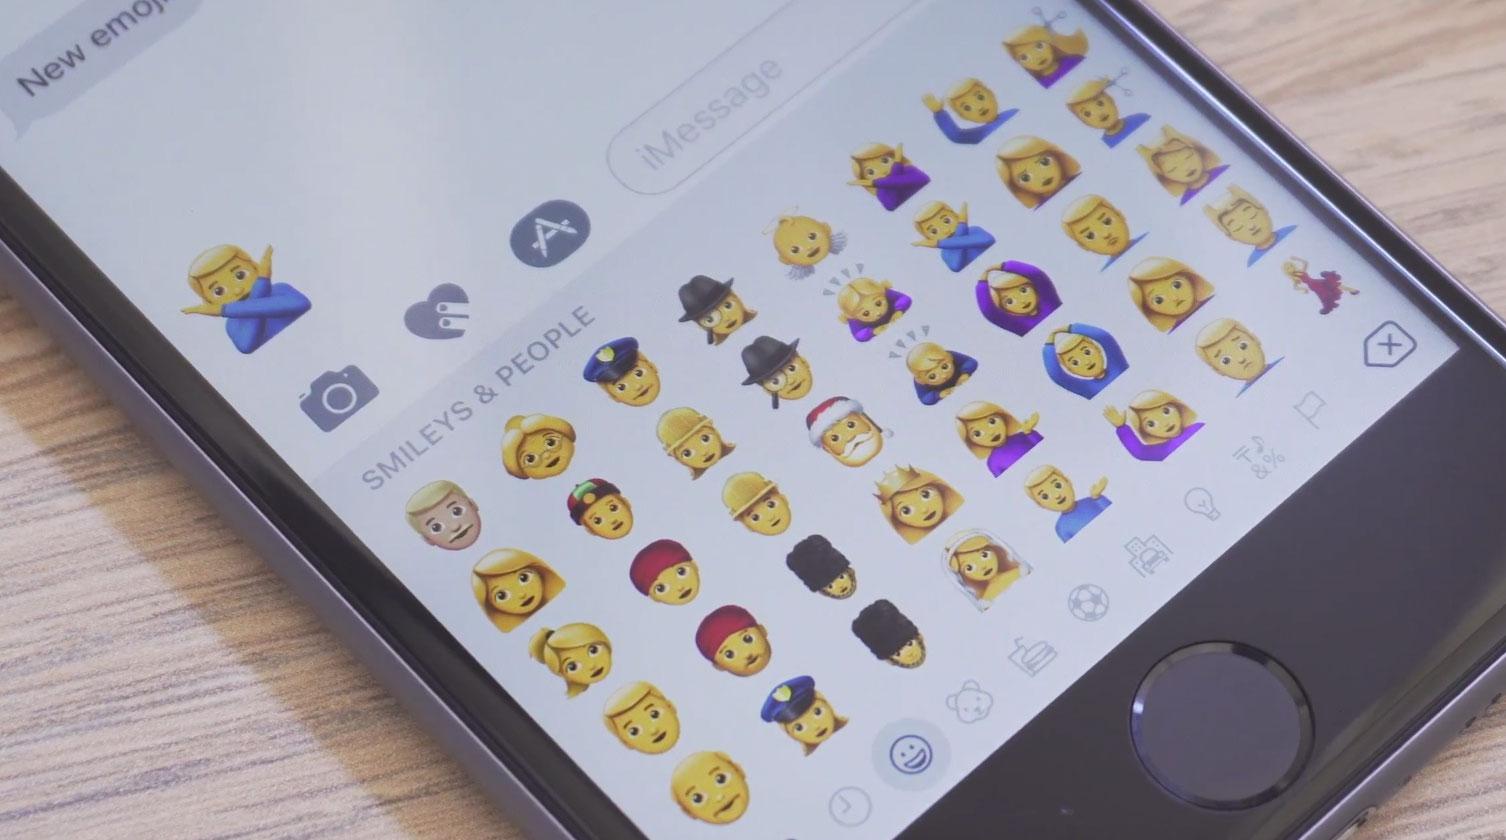 Más emojis en iOS 10